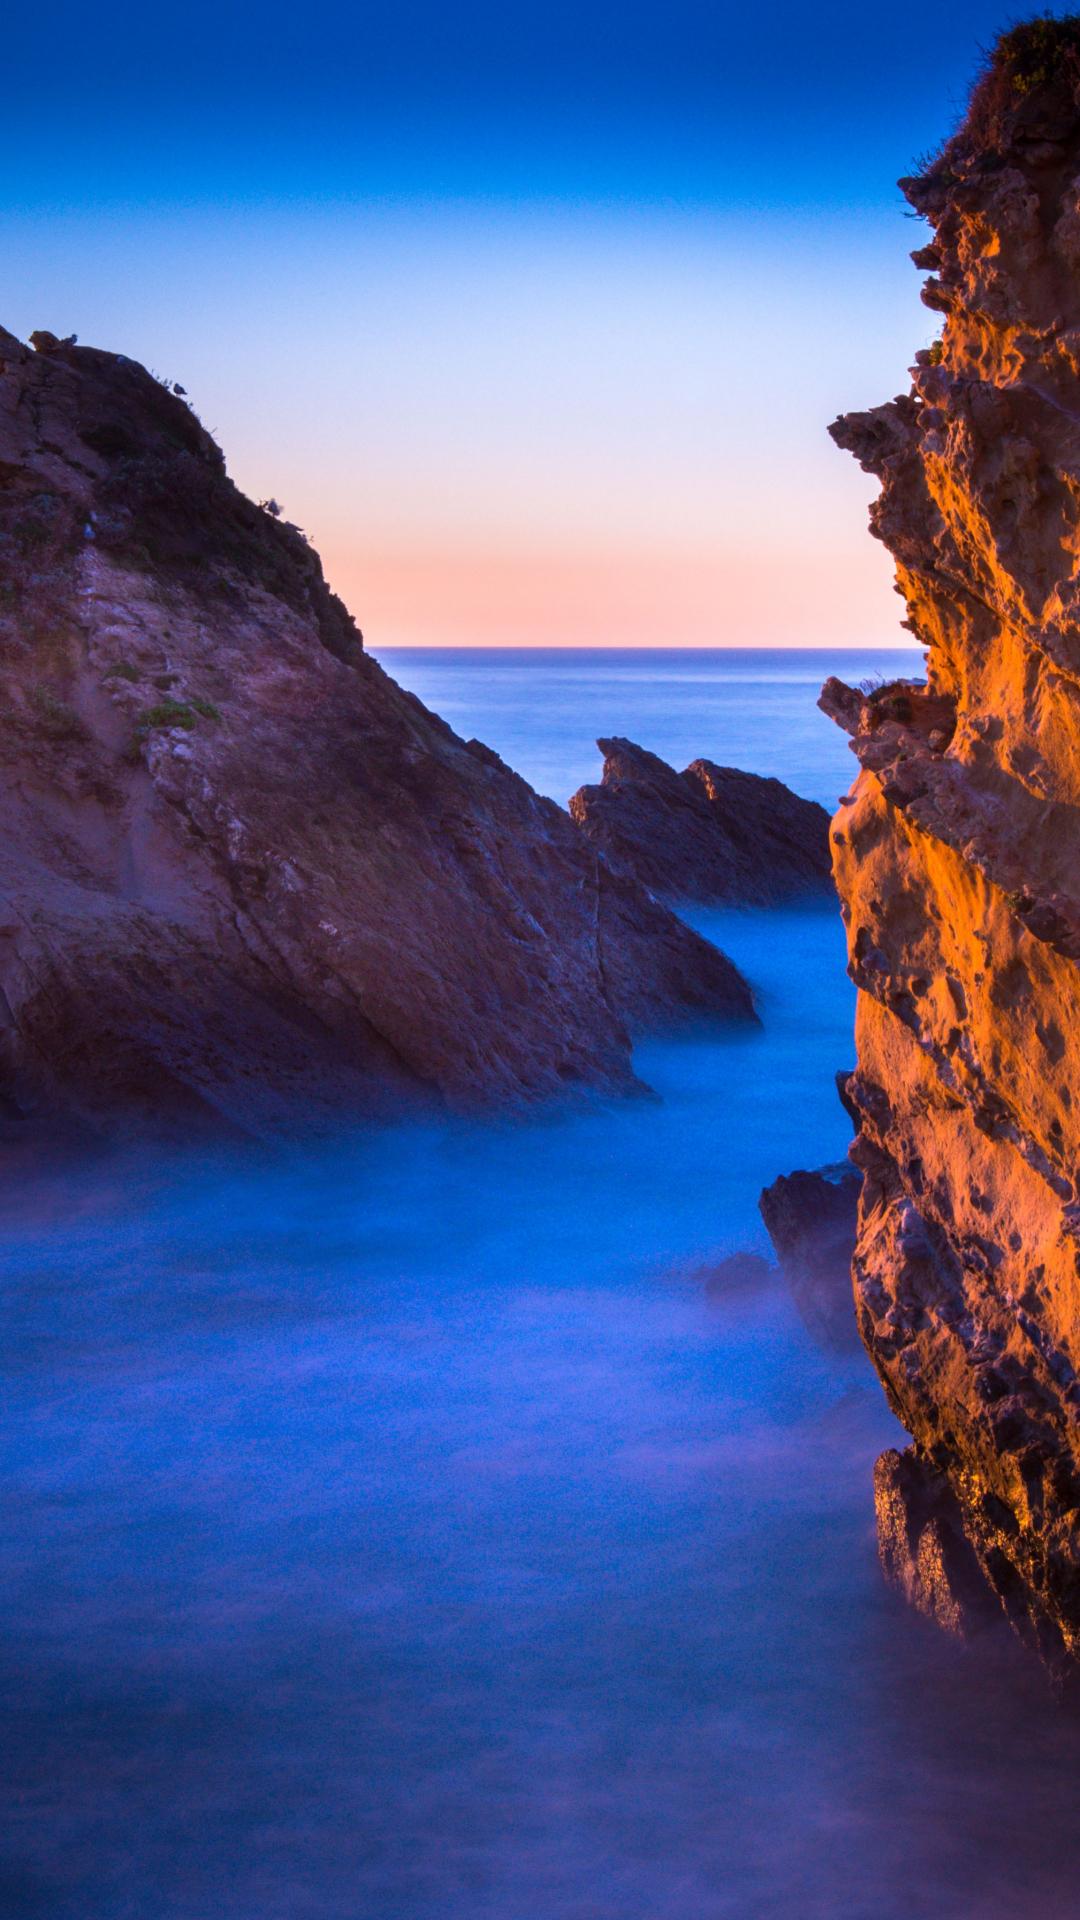 Golden Crags Of Biarritz iPhone Wallpaper